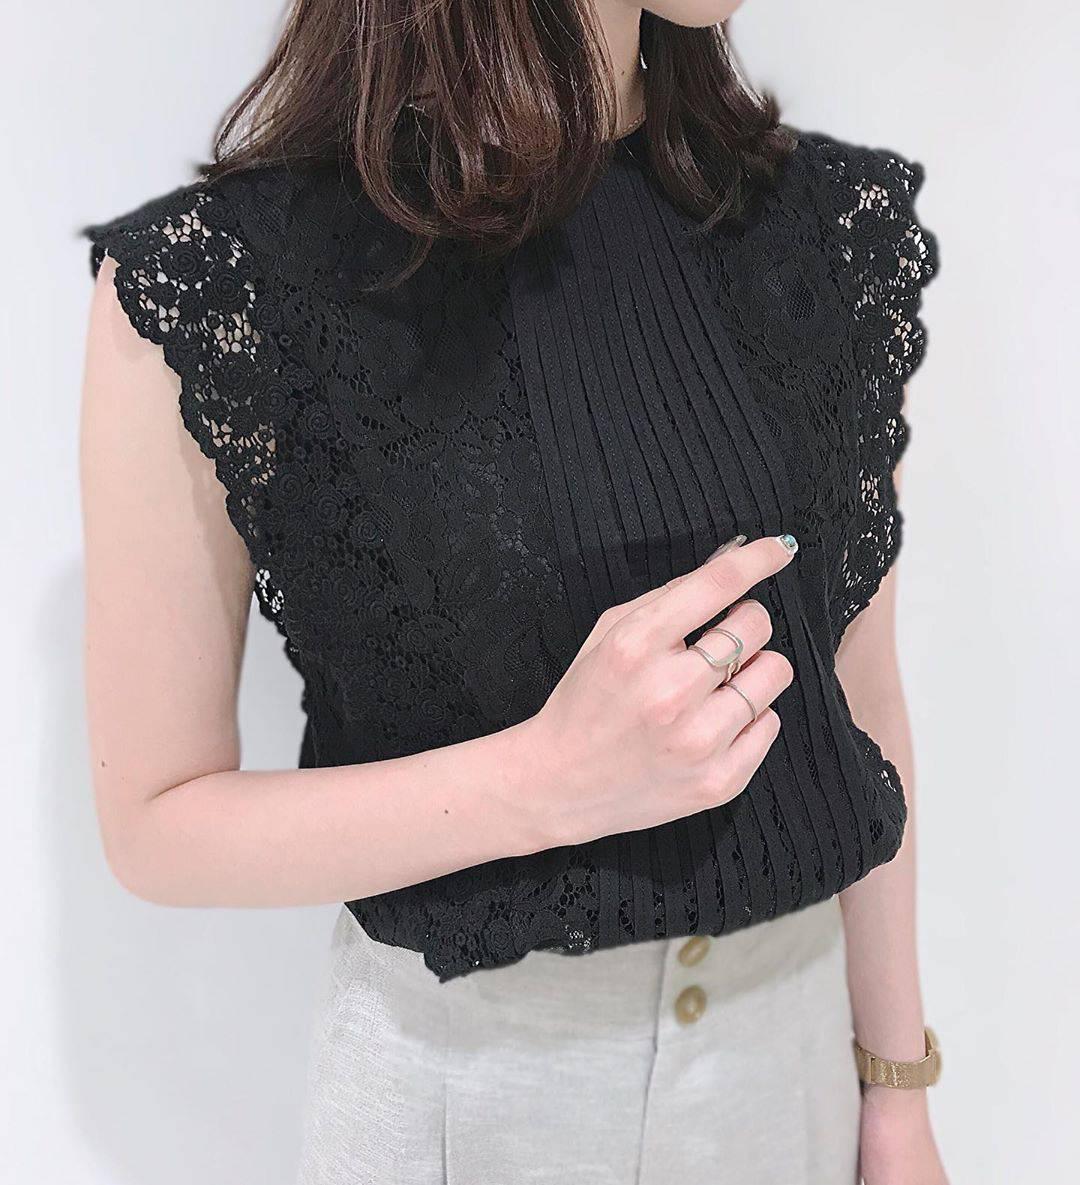 最高気温26度・最低気温13度 hikari_k0122の服装